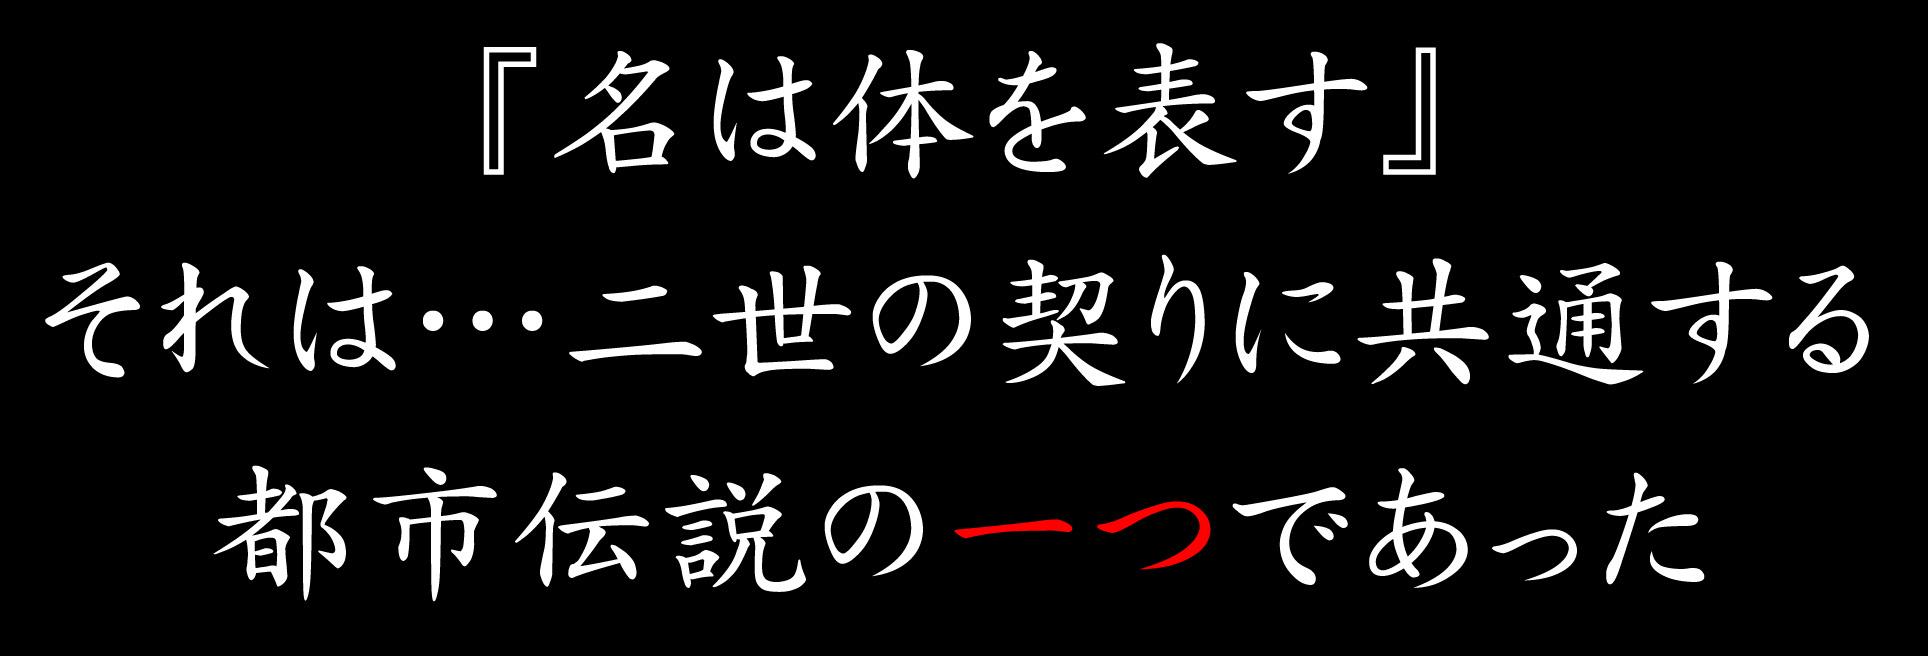 http://blog.otomate.jp/staffblog/pic/00002926.jpg